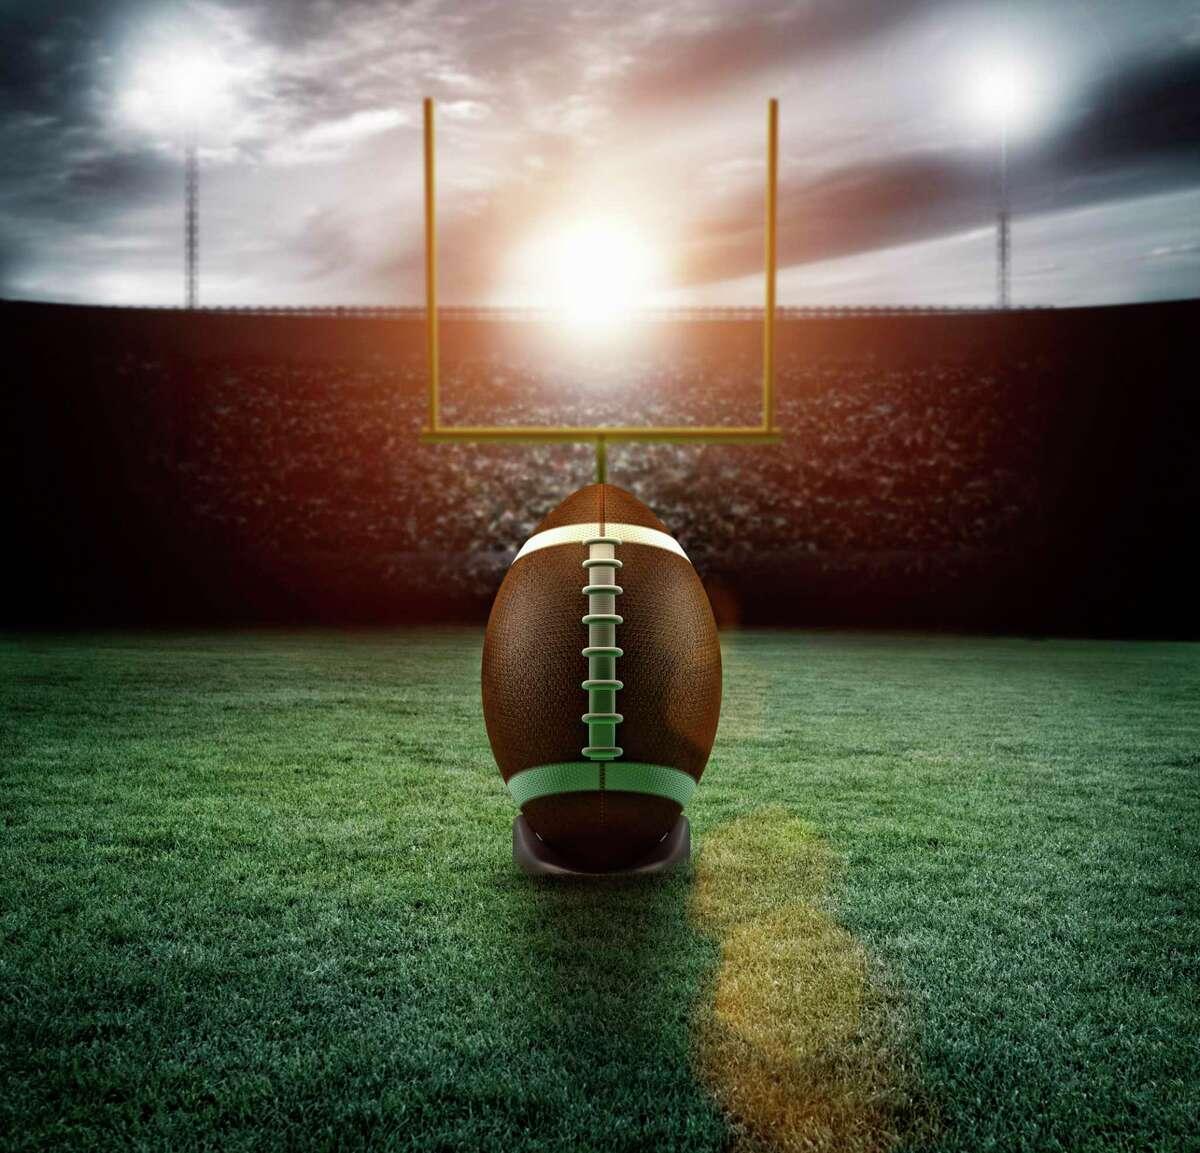 Football in stadium. Stock photo